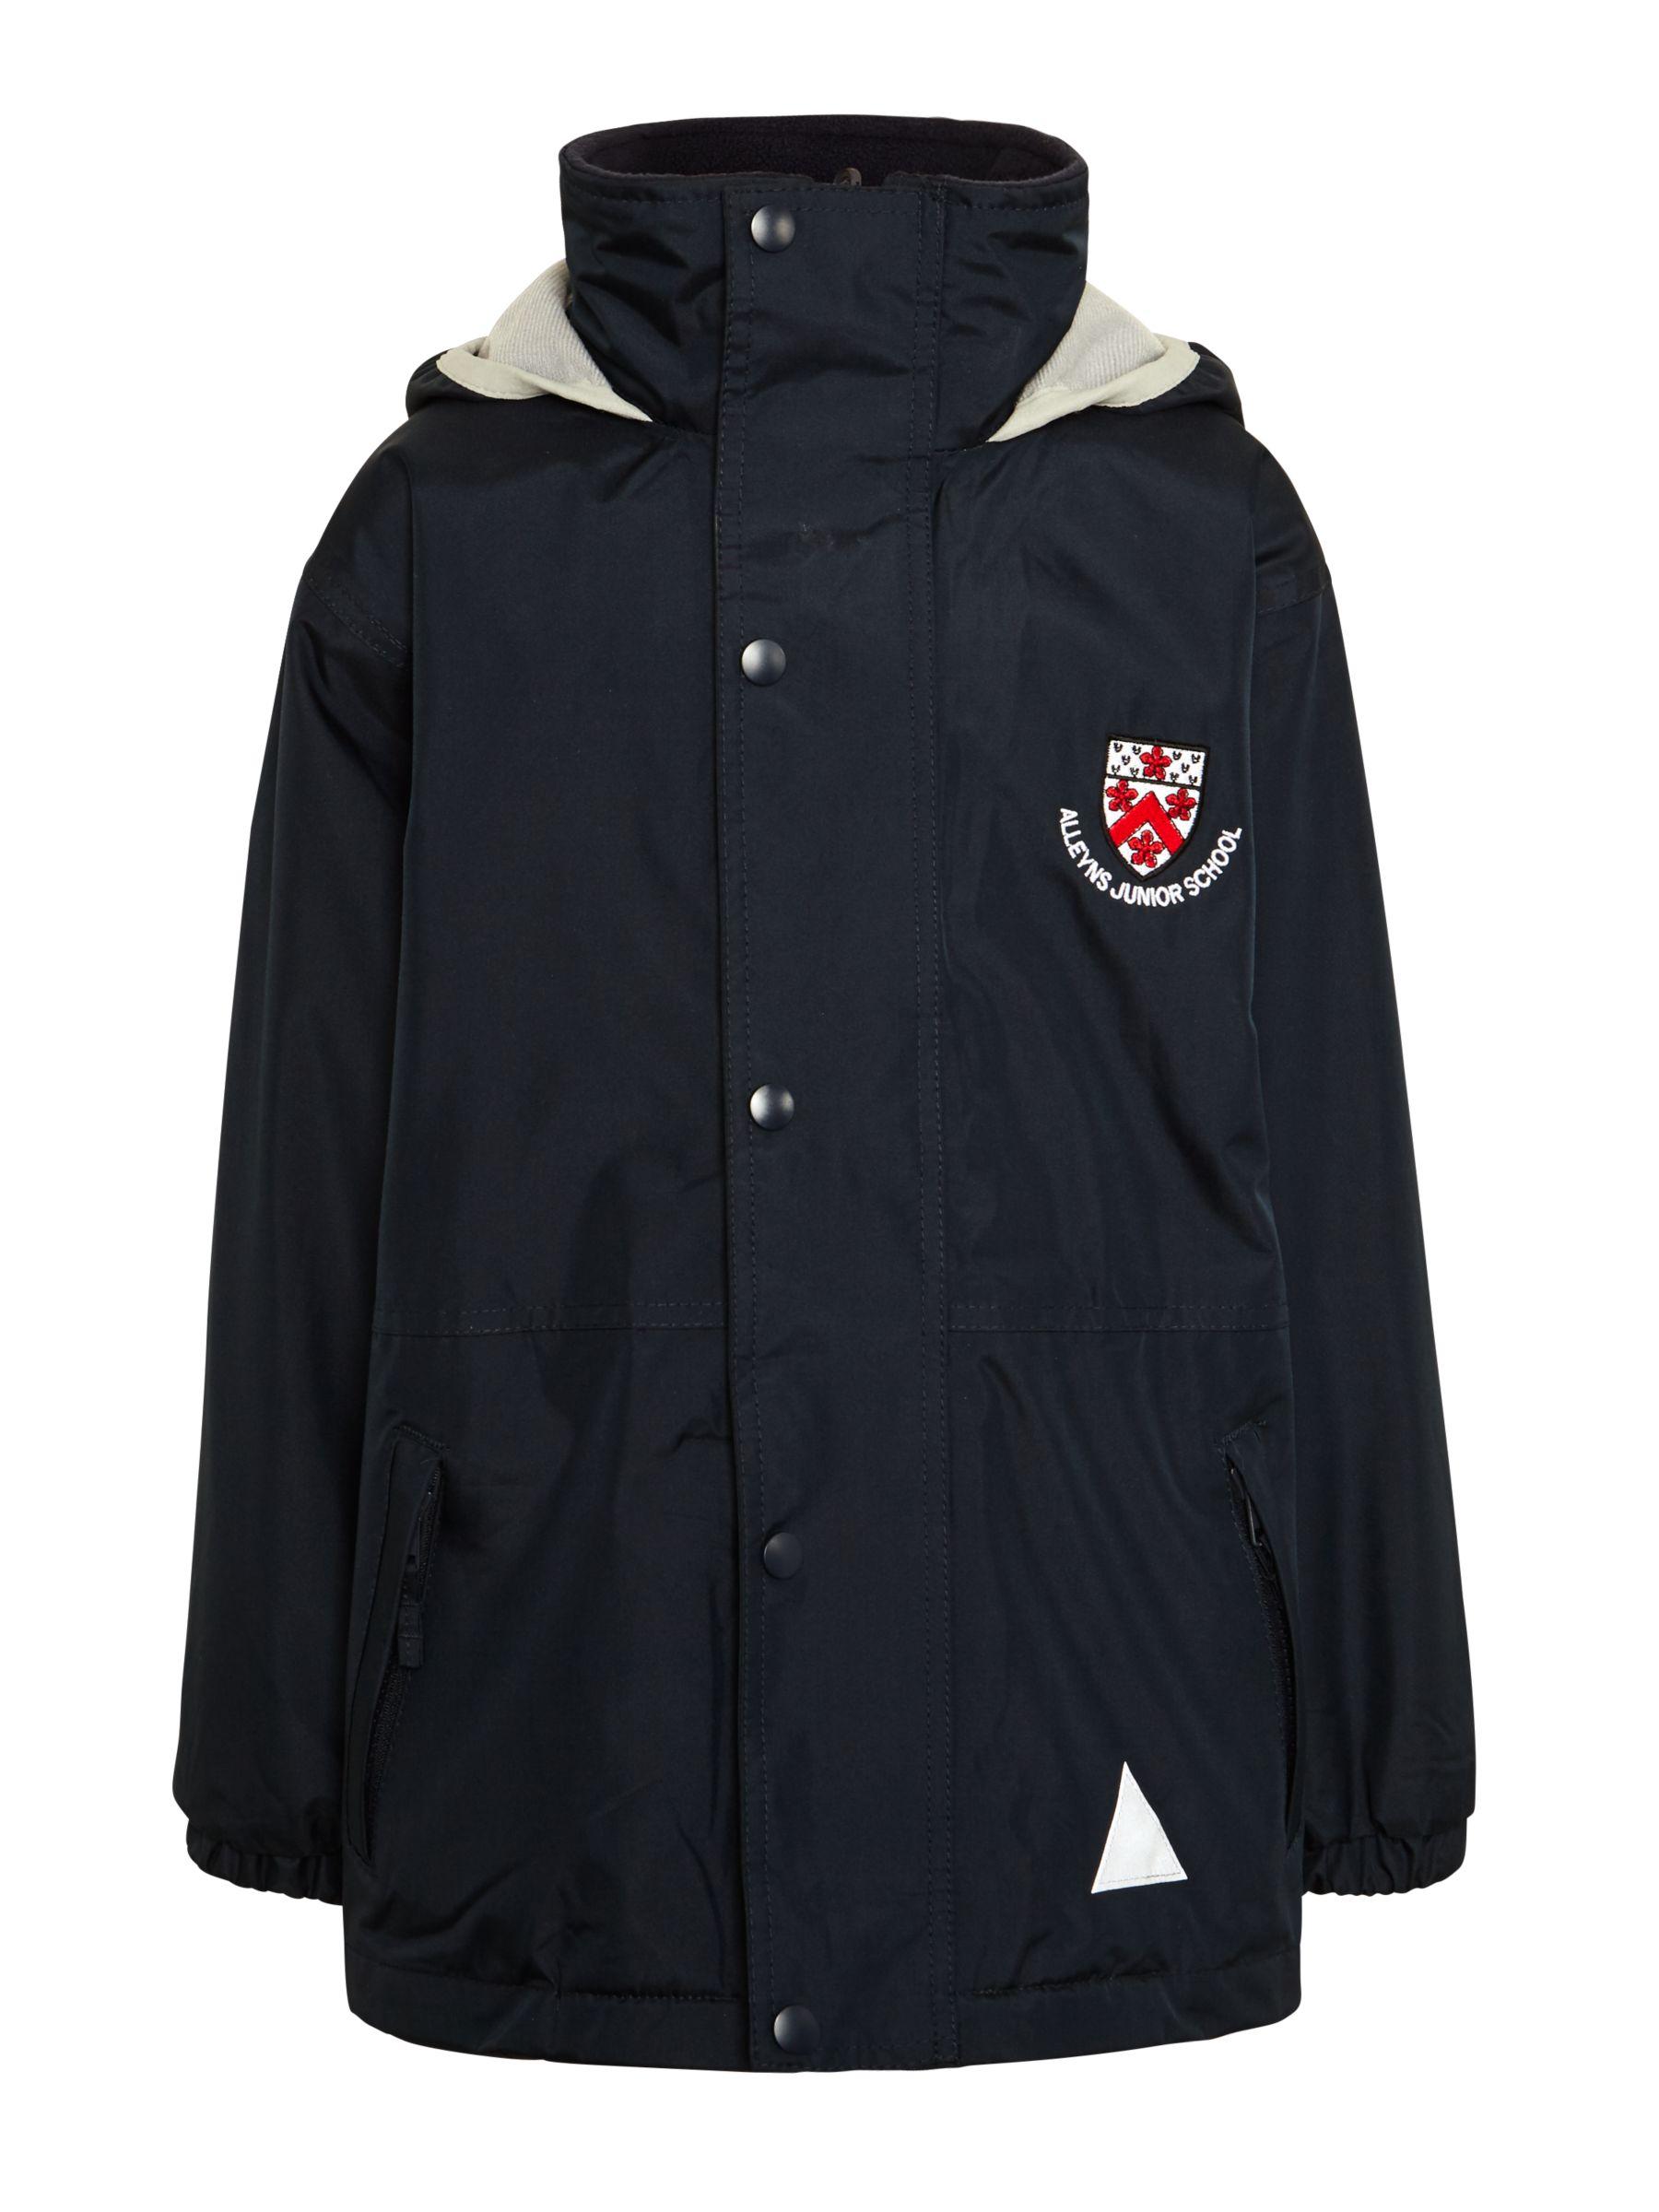 Unbranded Alleyn's School Coat, Navy